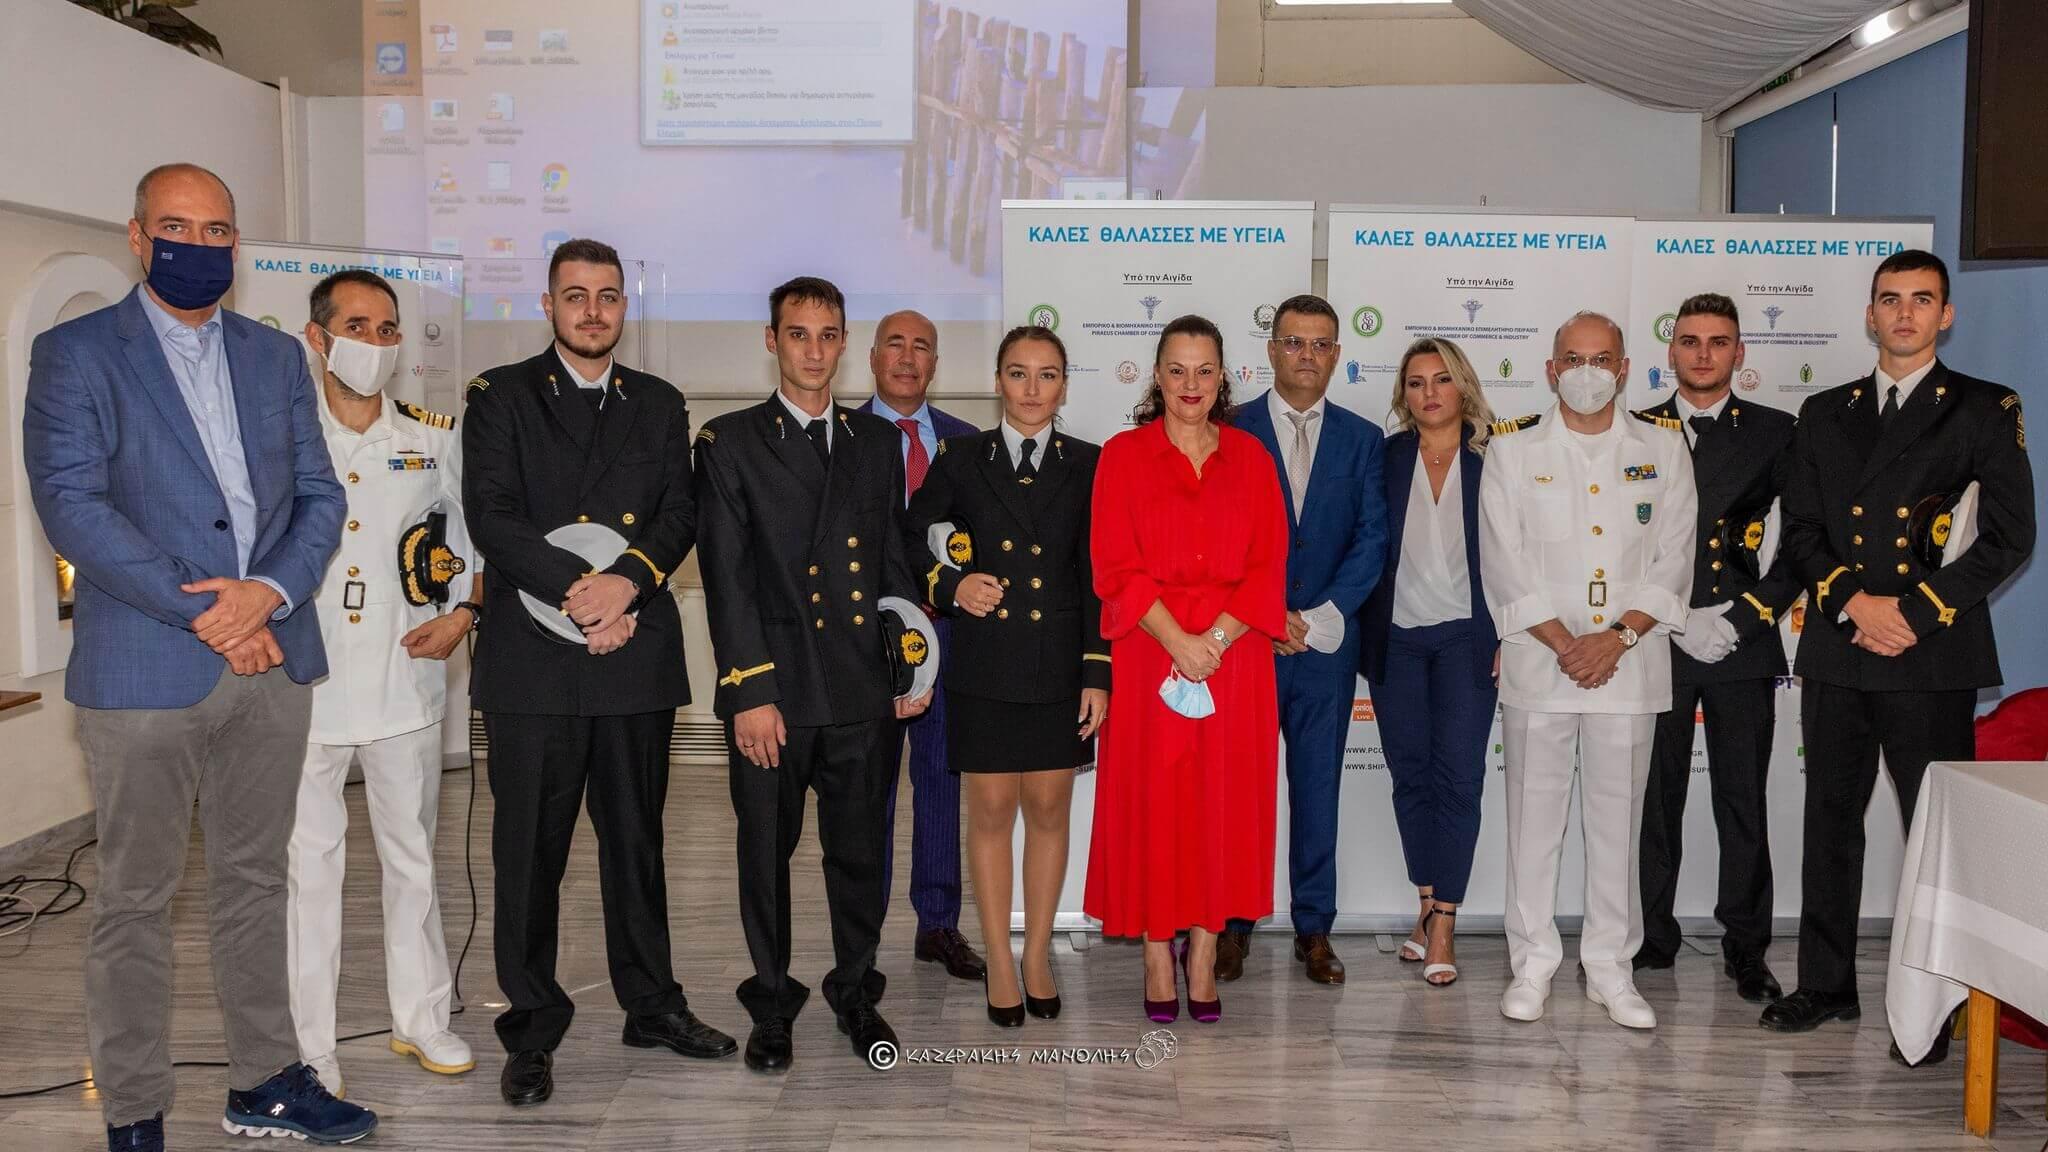 Με επιτυχία ολοκληρώθηκε η πρωτοποριακή εκδήλωση 'Καλές θάλασσες με υγεία'